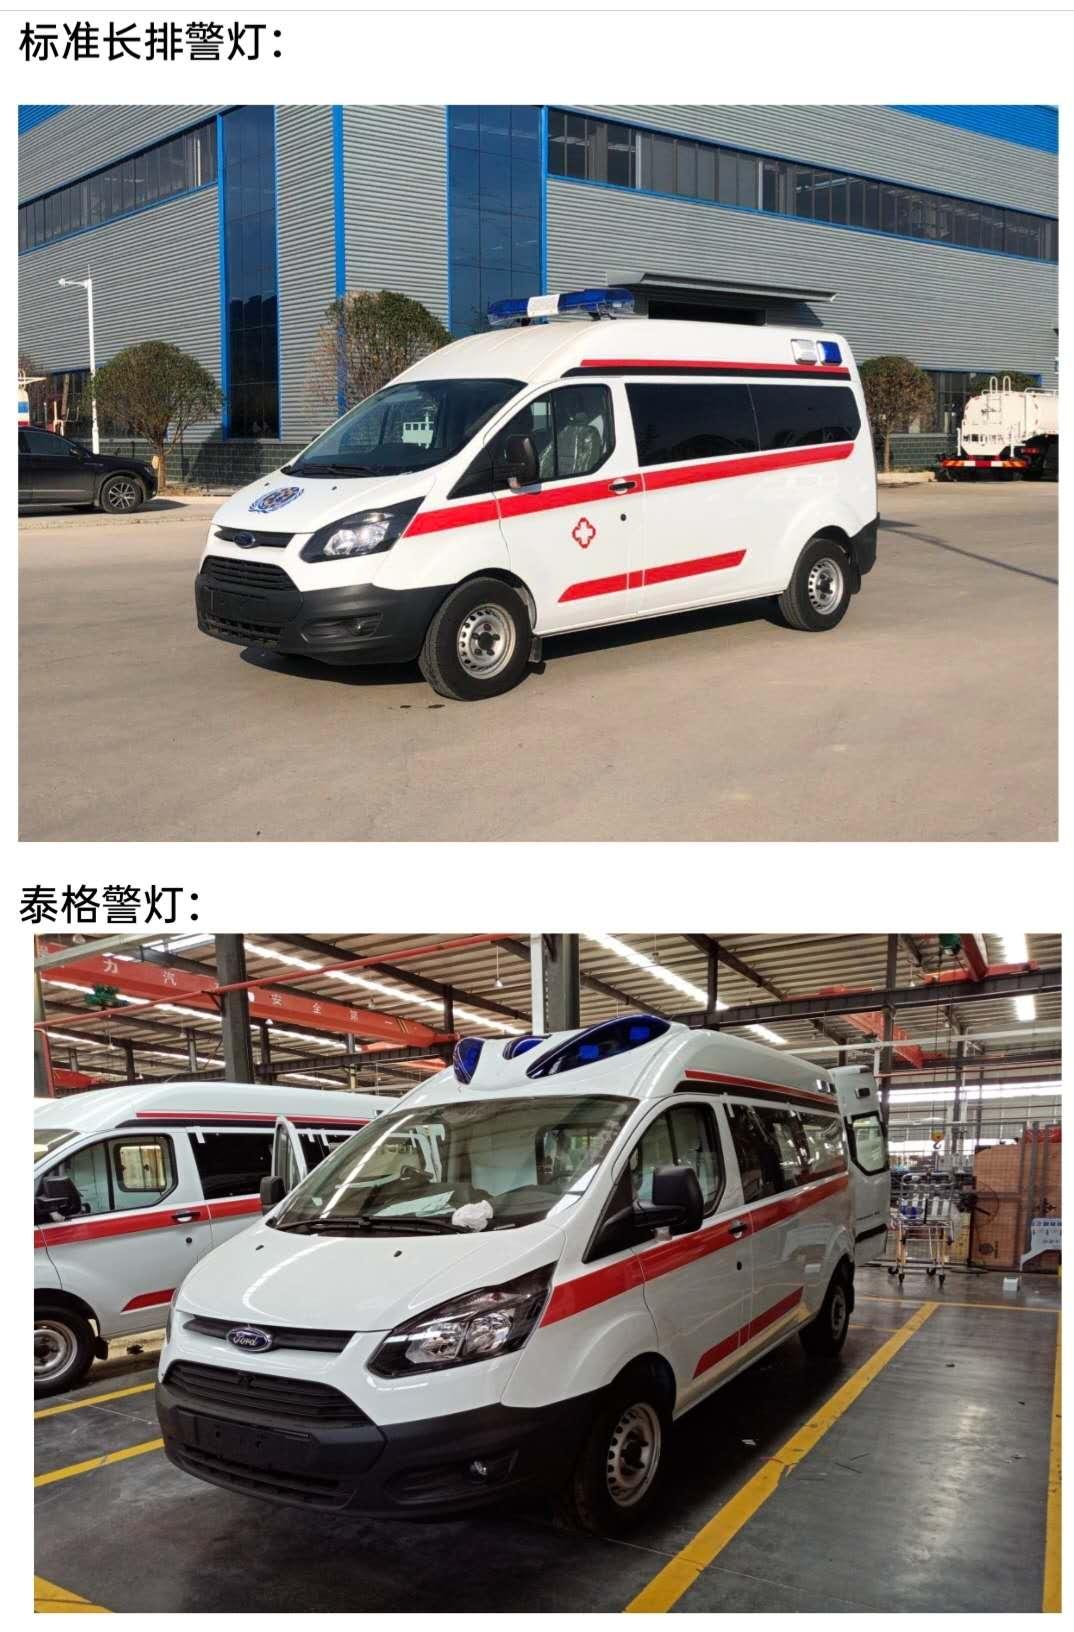 福田负压救护车厂家报价负压仓配置医疗设备细节图片图片